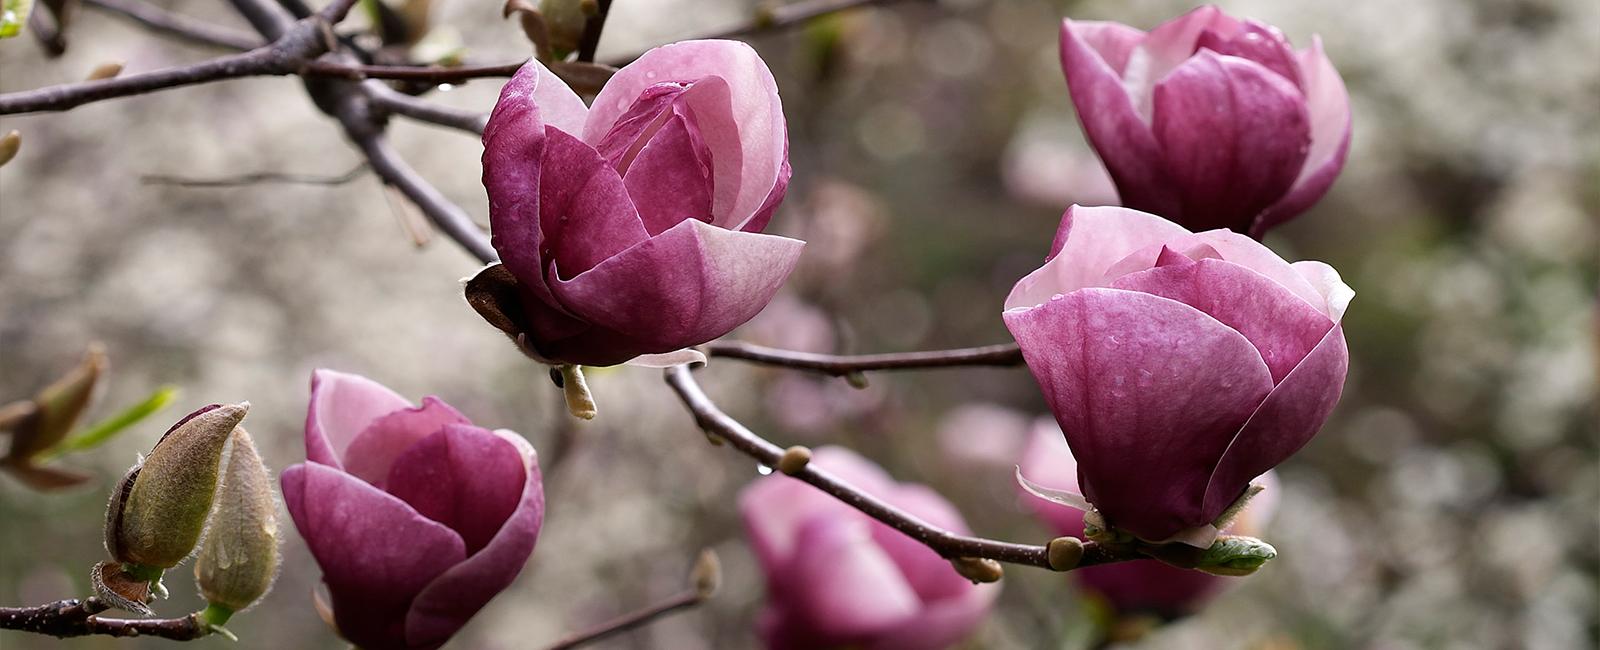 Hortikultura je vrtna umetnost